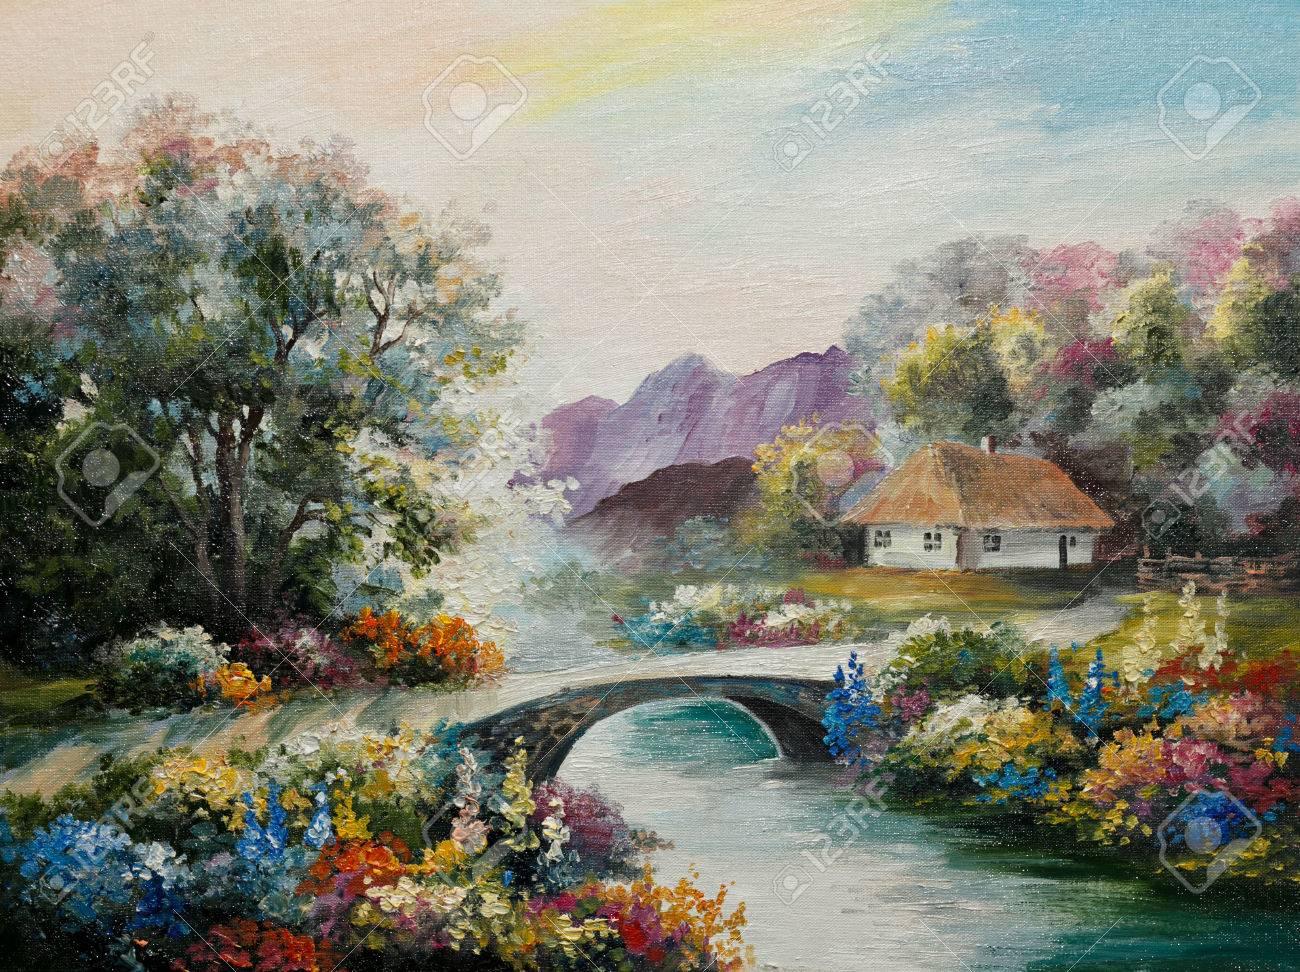 Peindre une maison sur toile